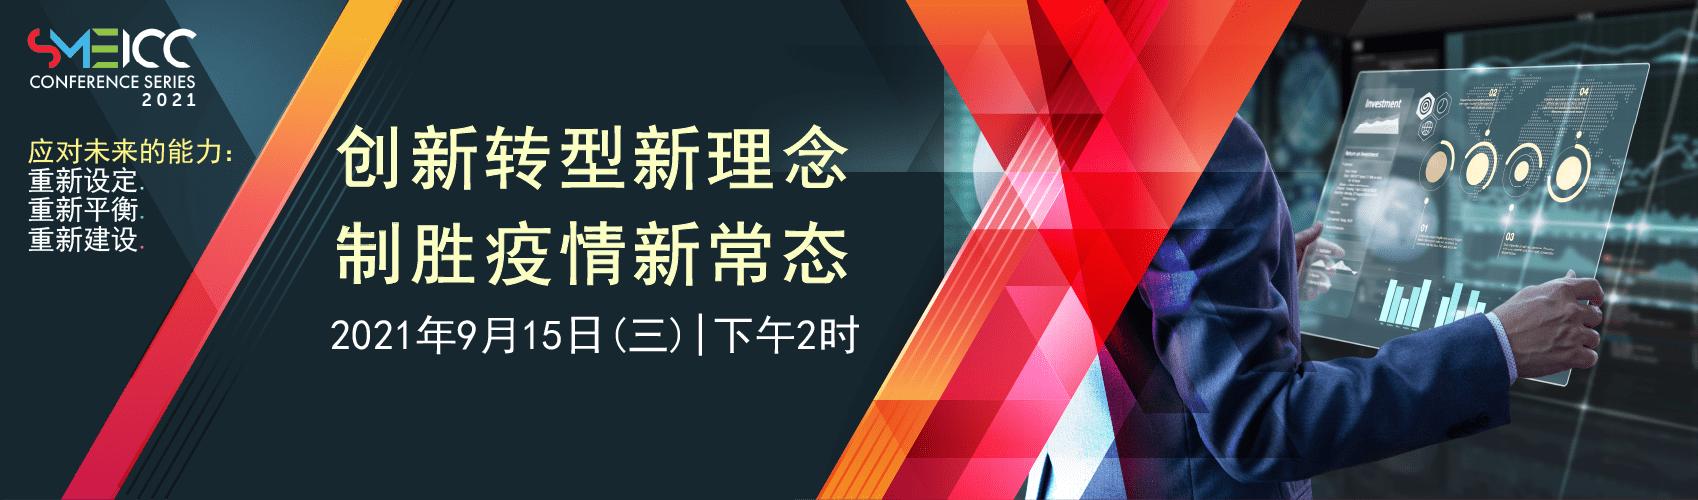 0915 Chinese sessionAsset 84